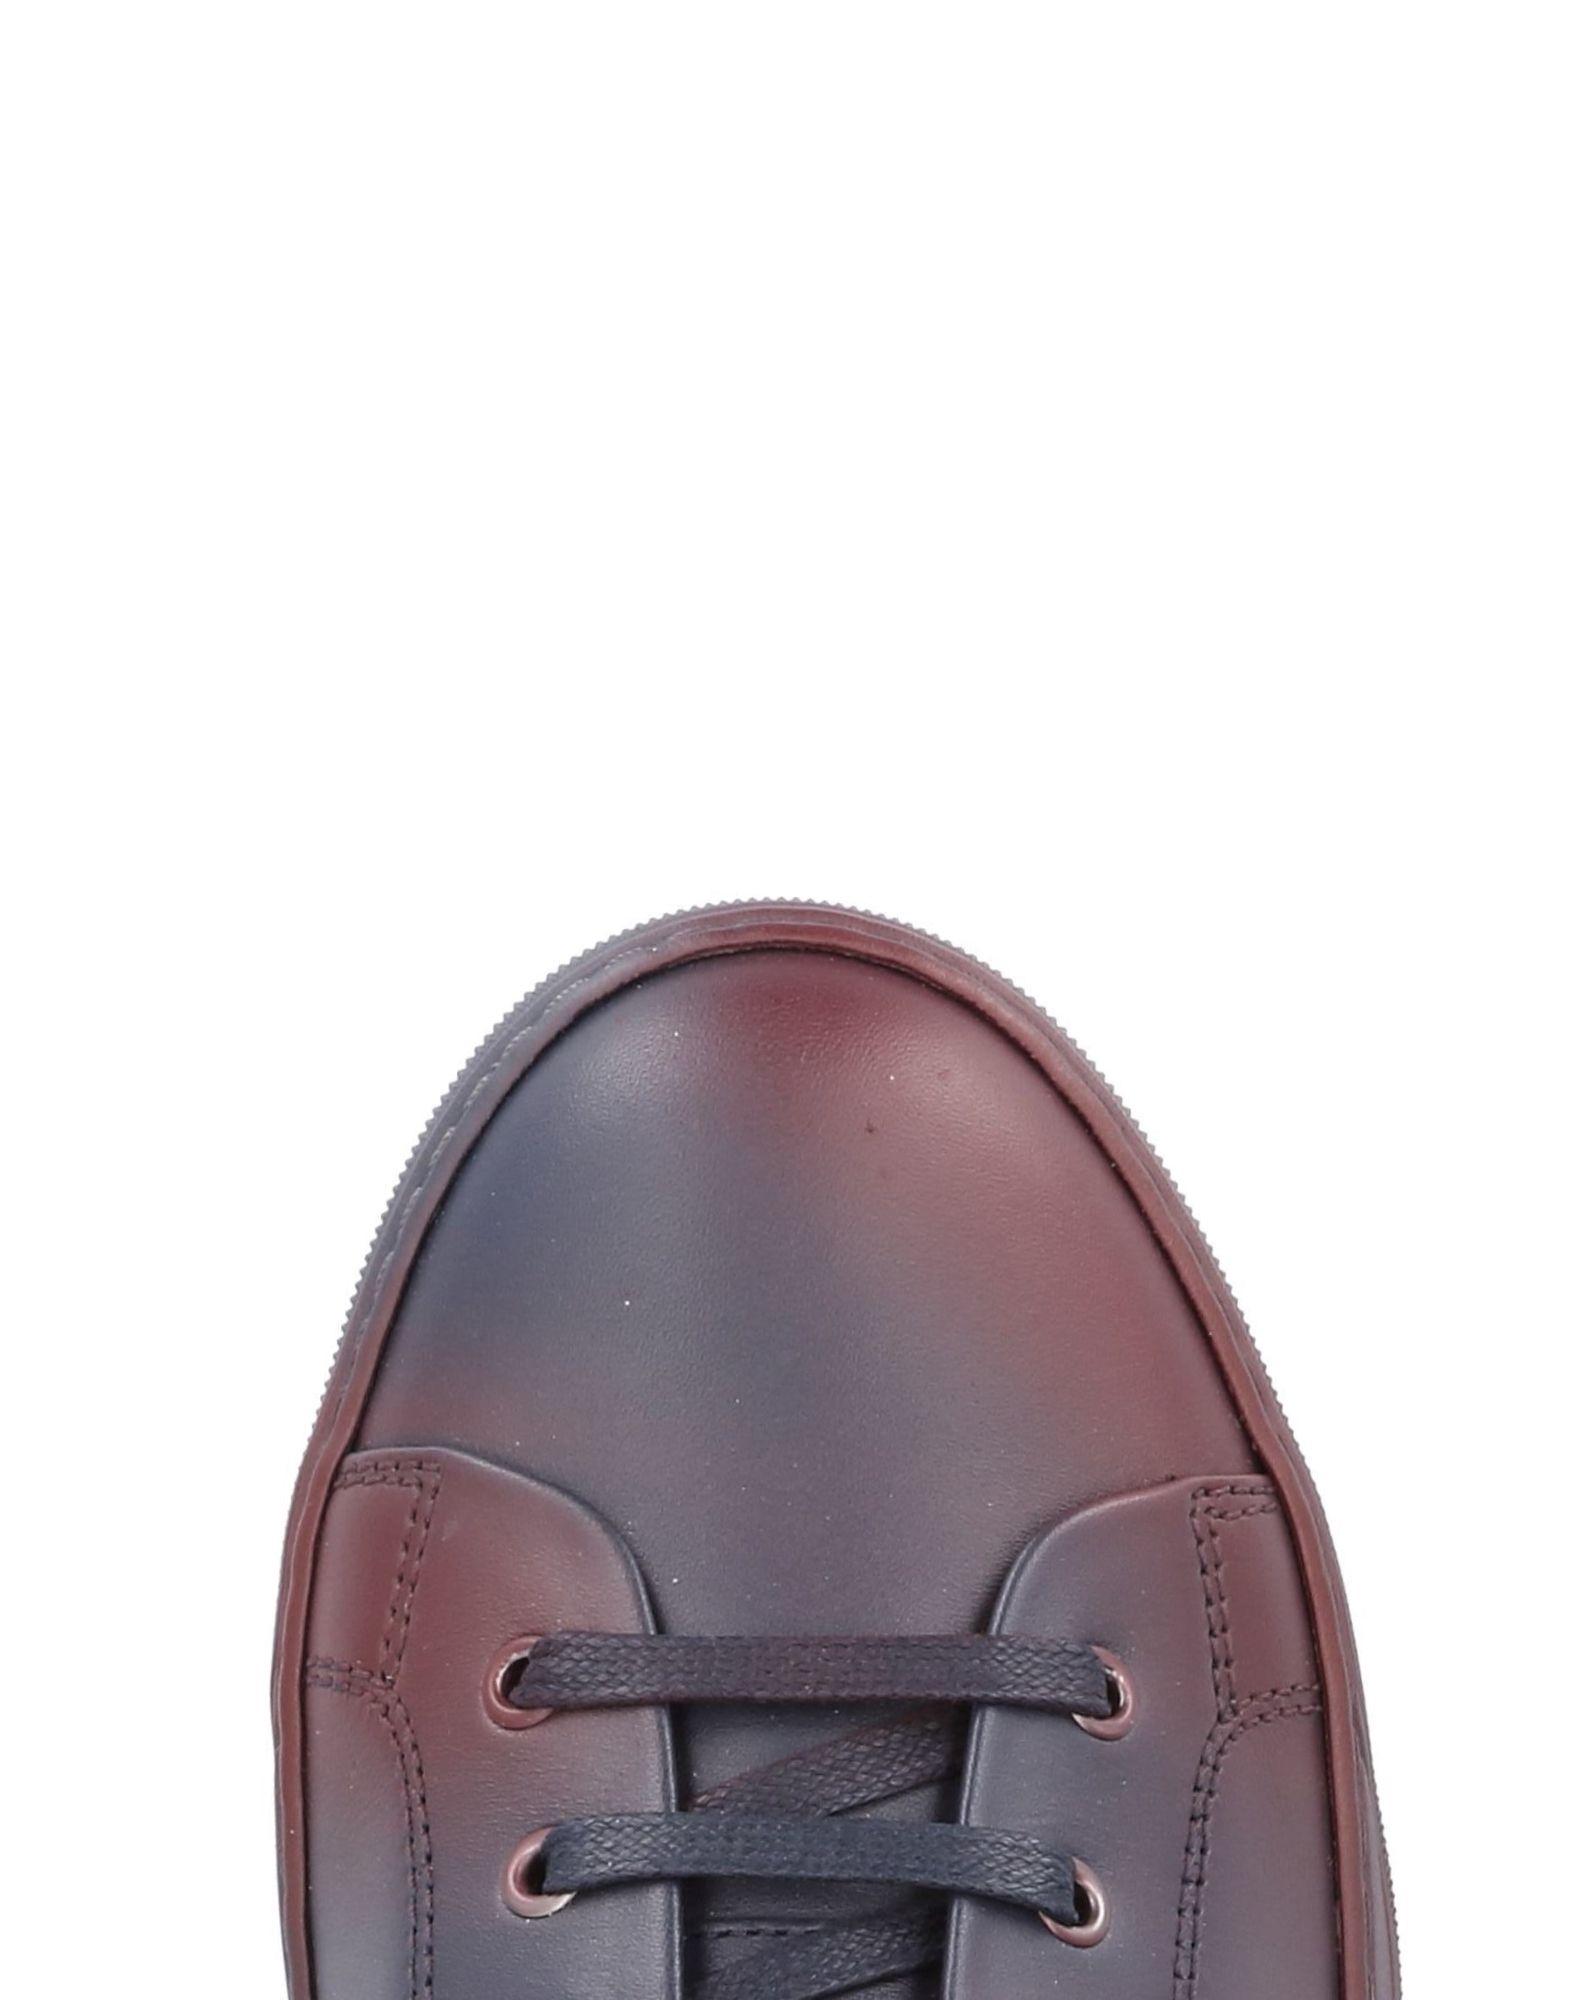 Lanvin Sneakers Herren  11463949RU Schuhe Gute Qualität beliebte Schuhe 11463949RU a8ac99